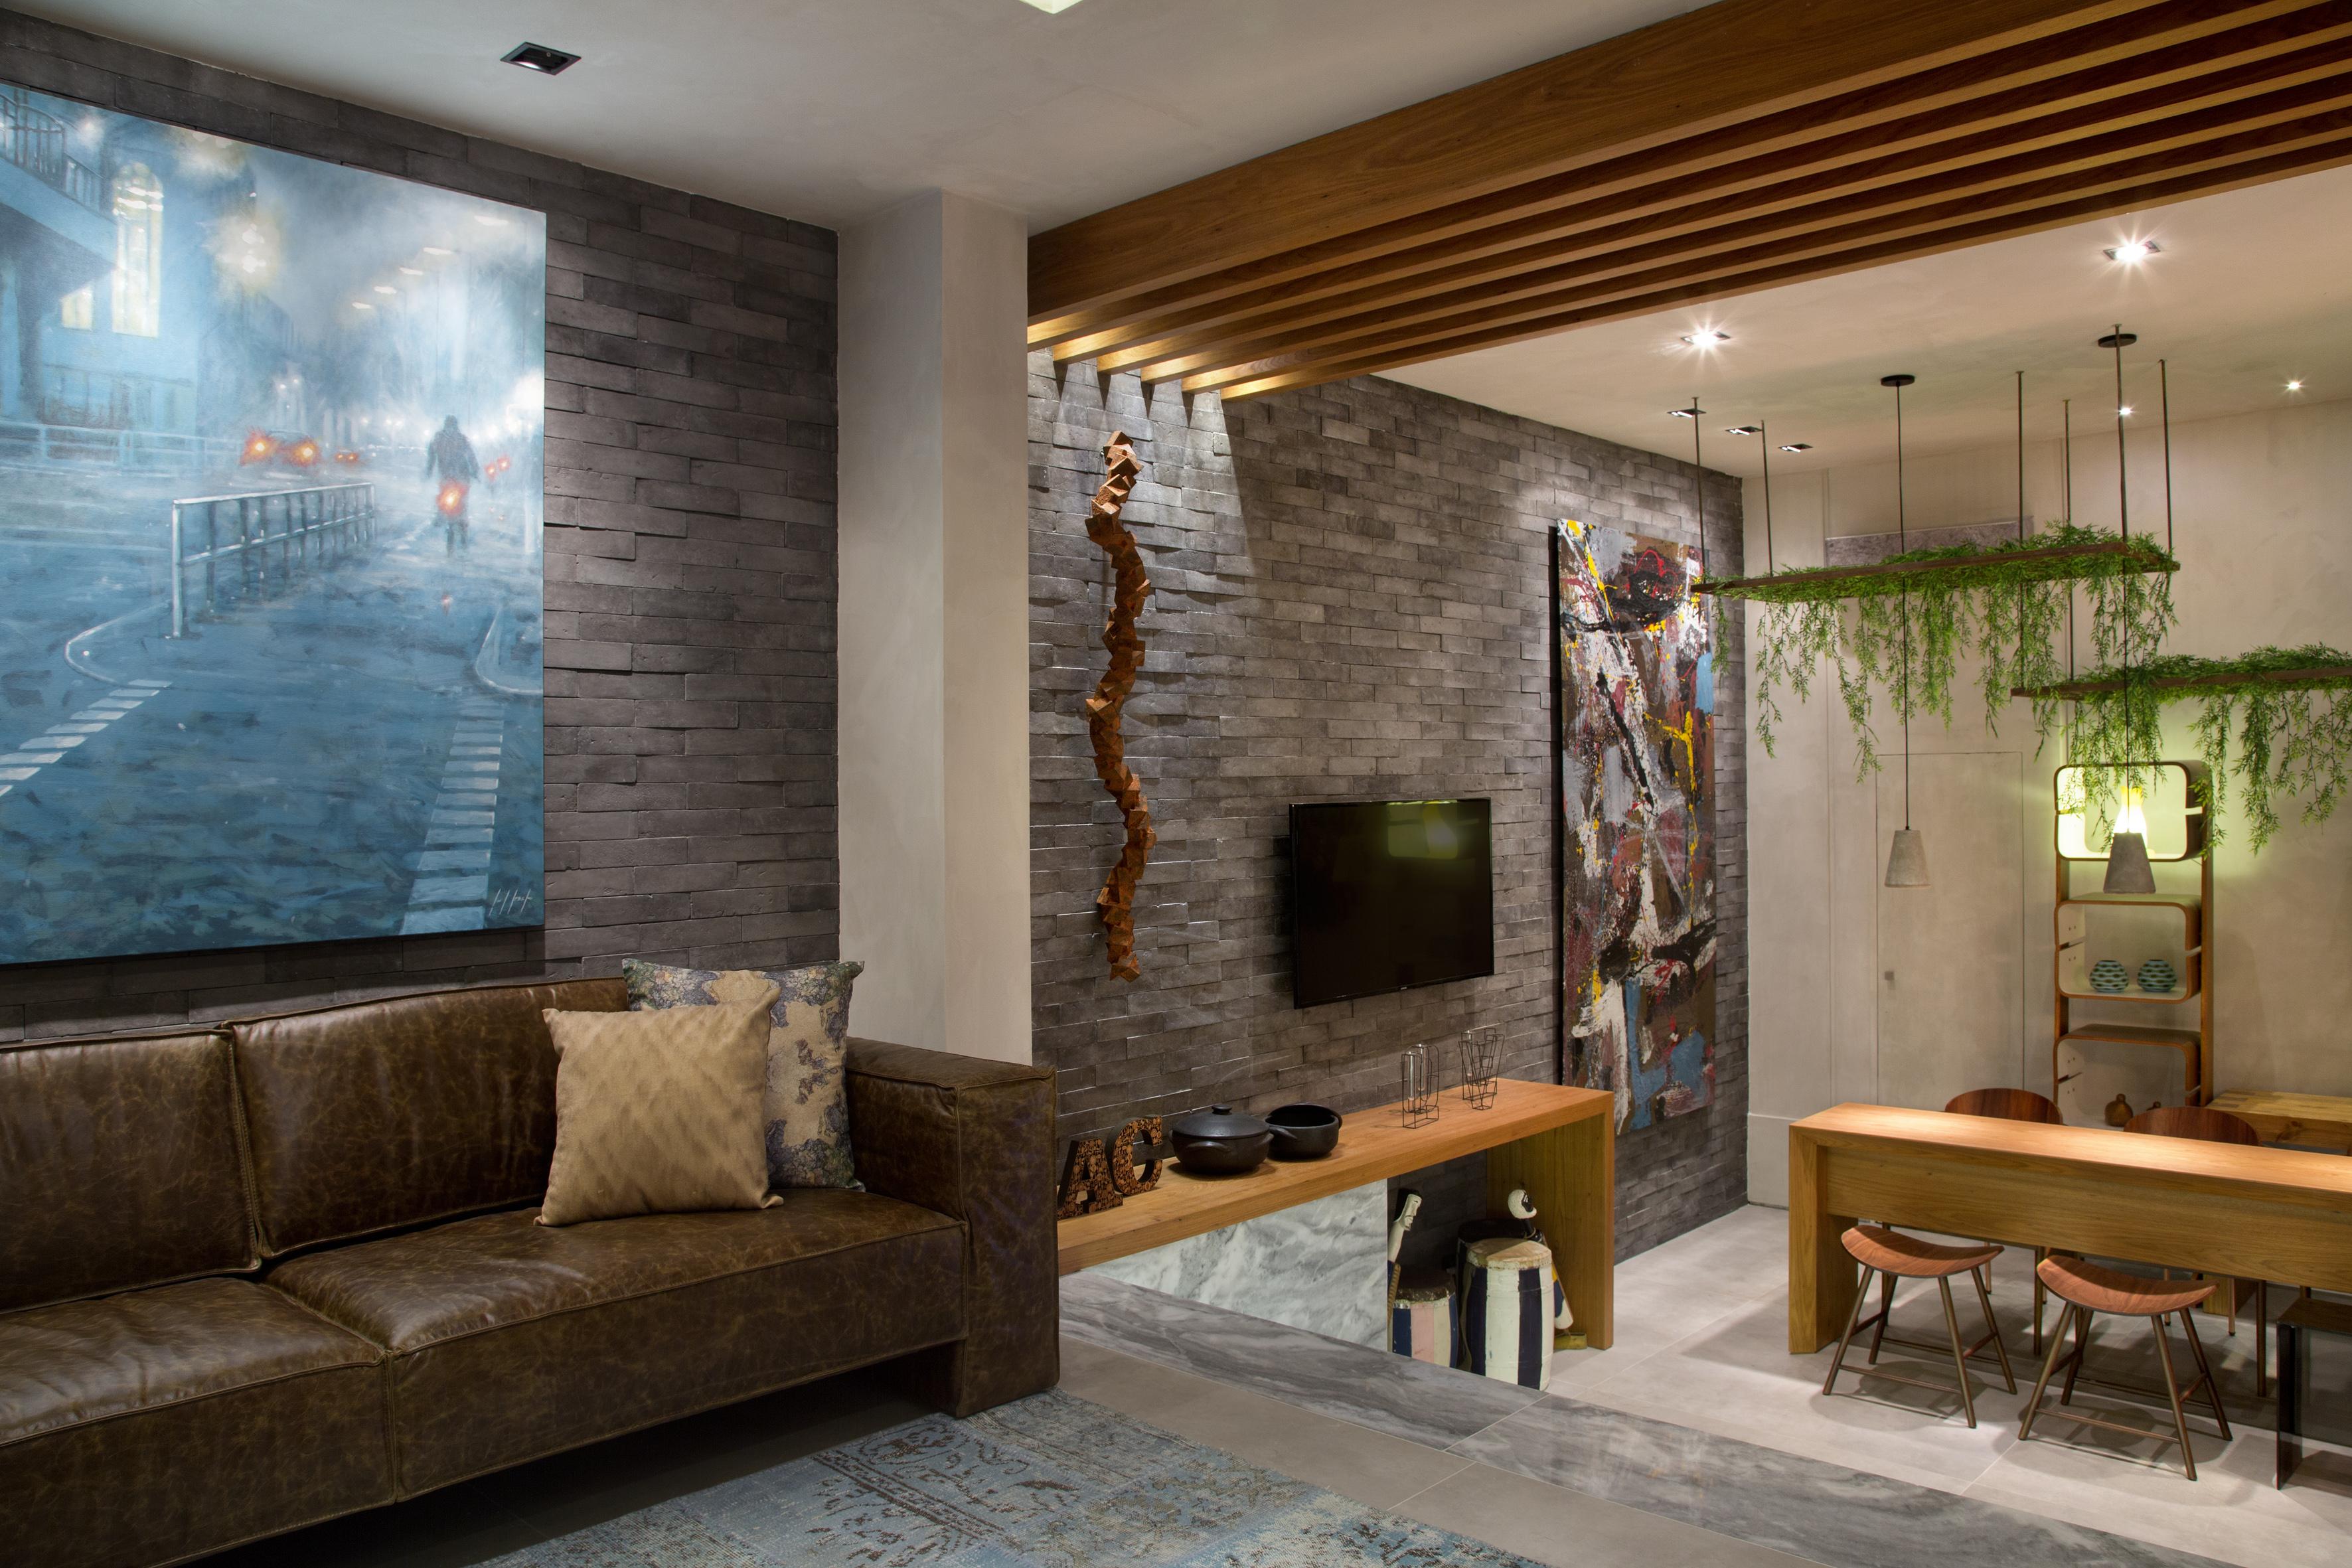 3-inspiracao-do-dia-lounge-com-grafite-em-persiana-e-parede